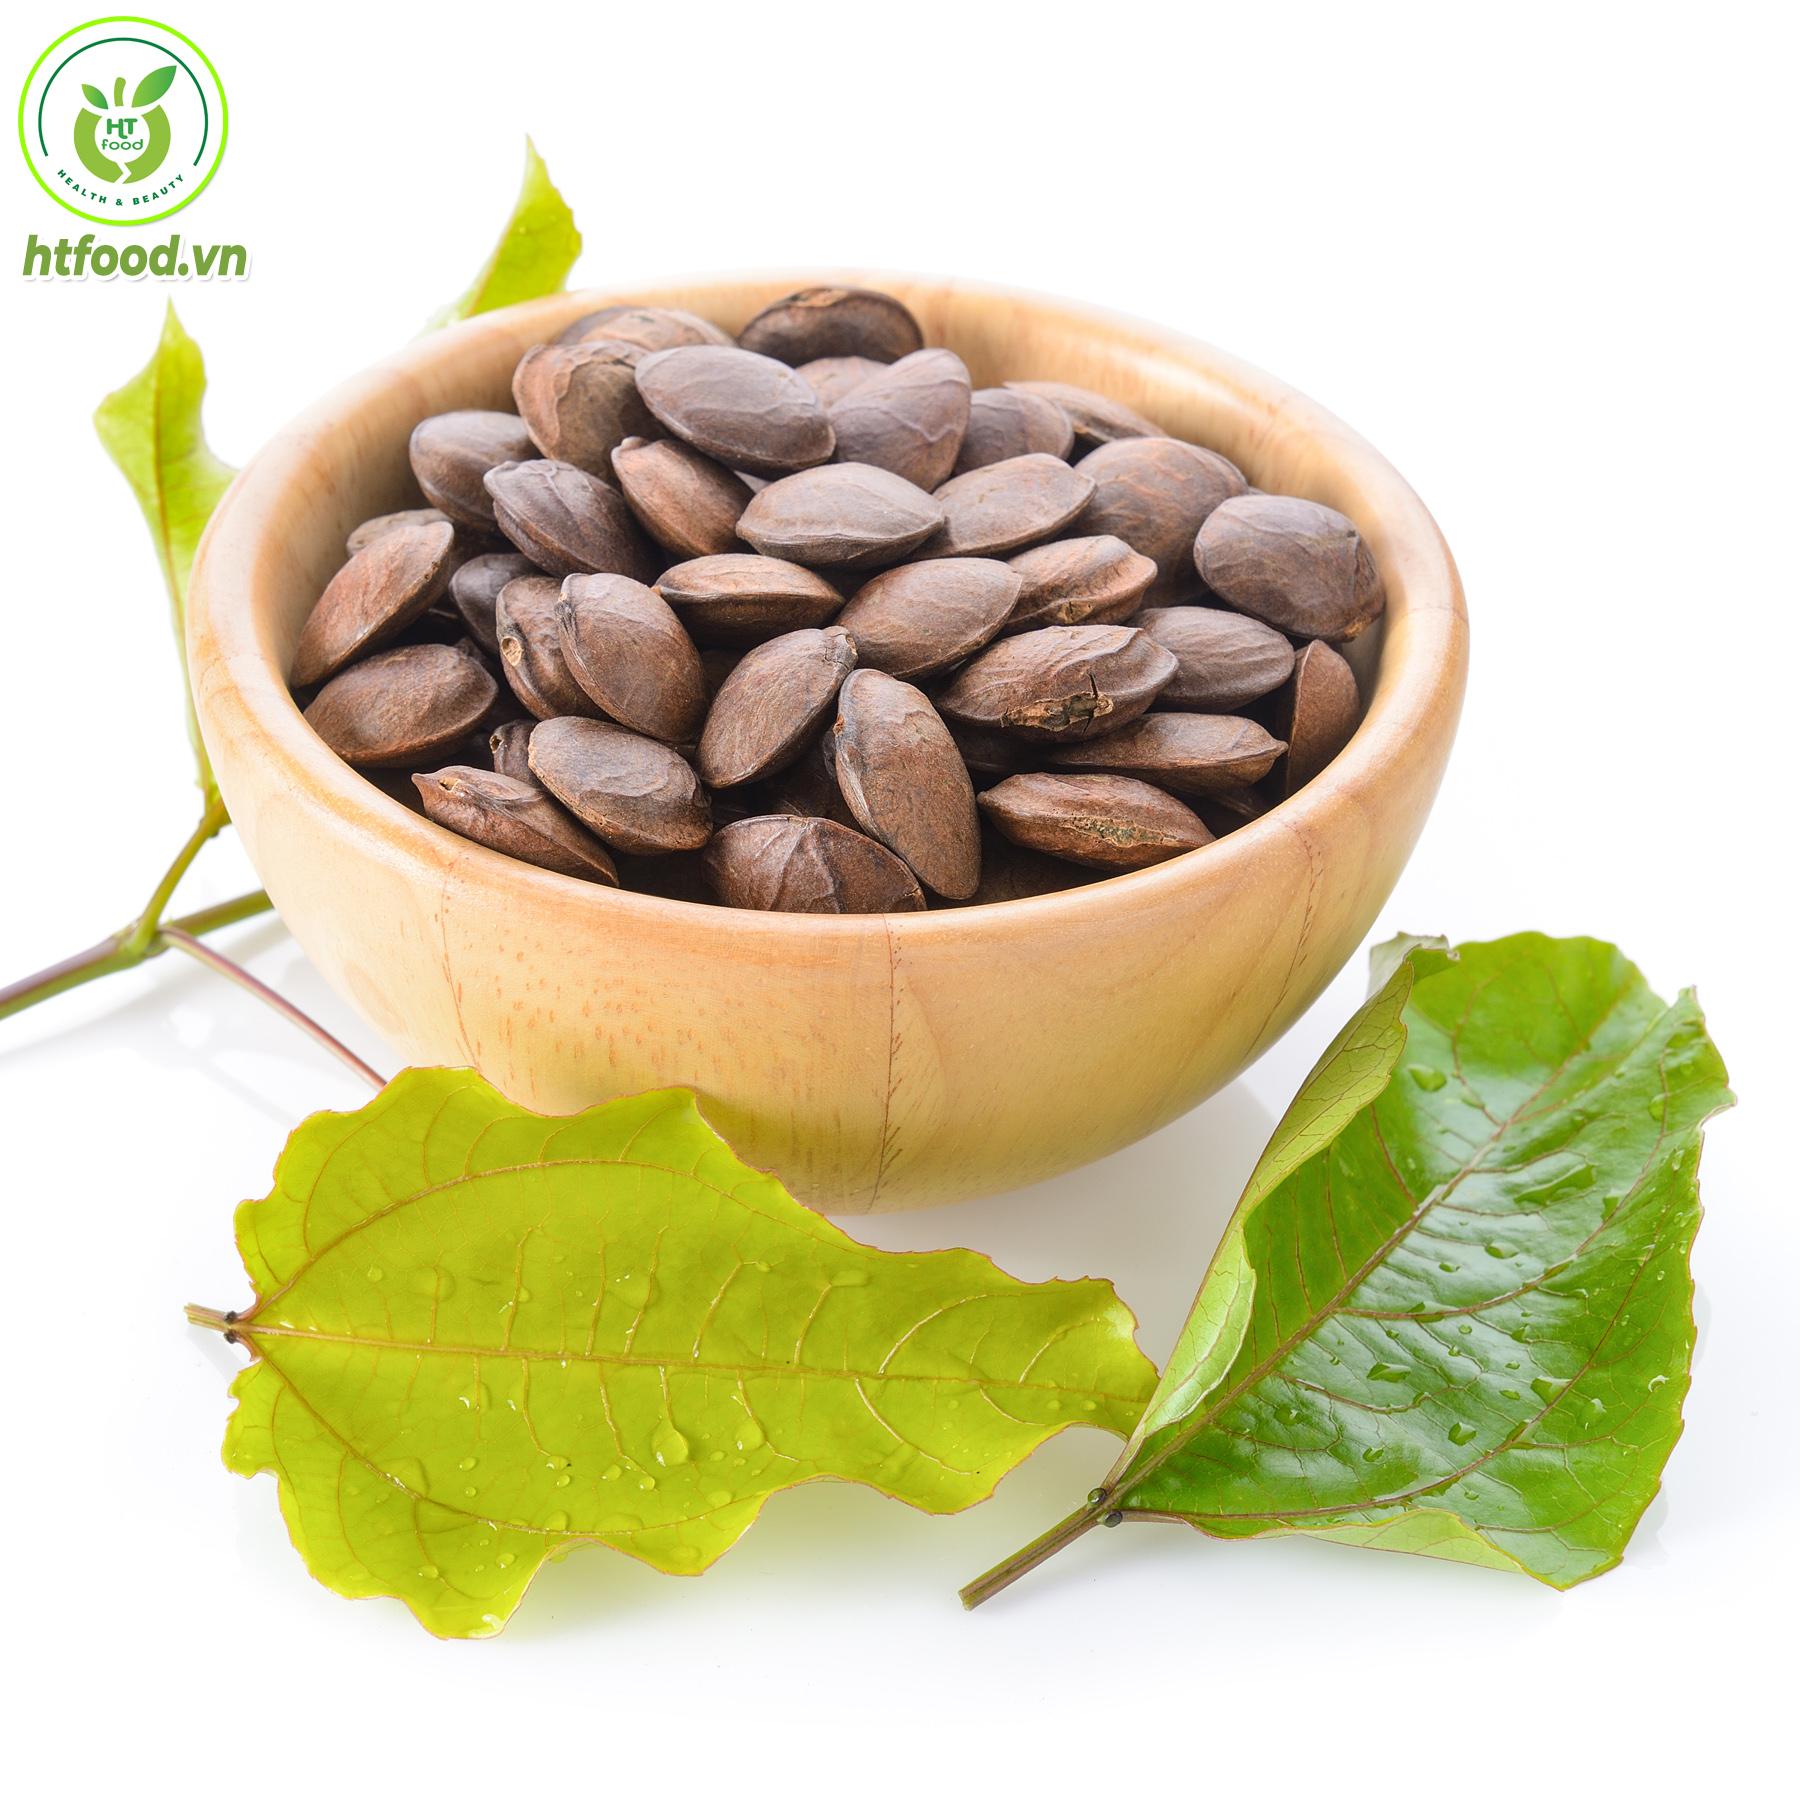 Hạt sachi là hạt gì?